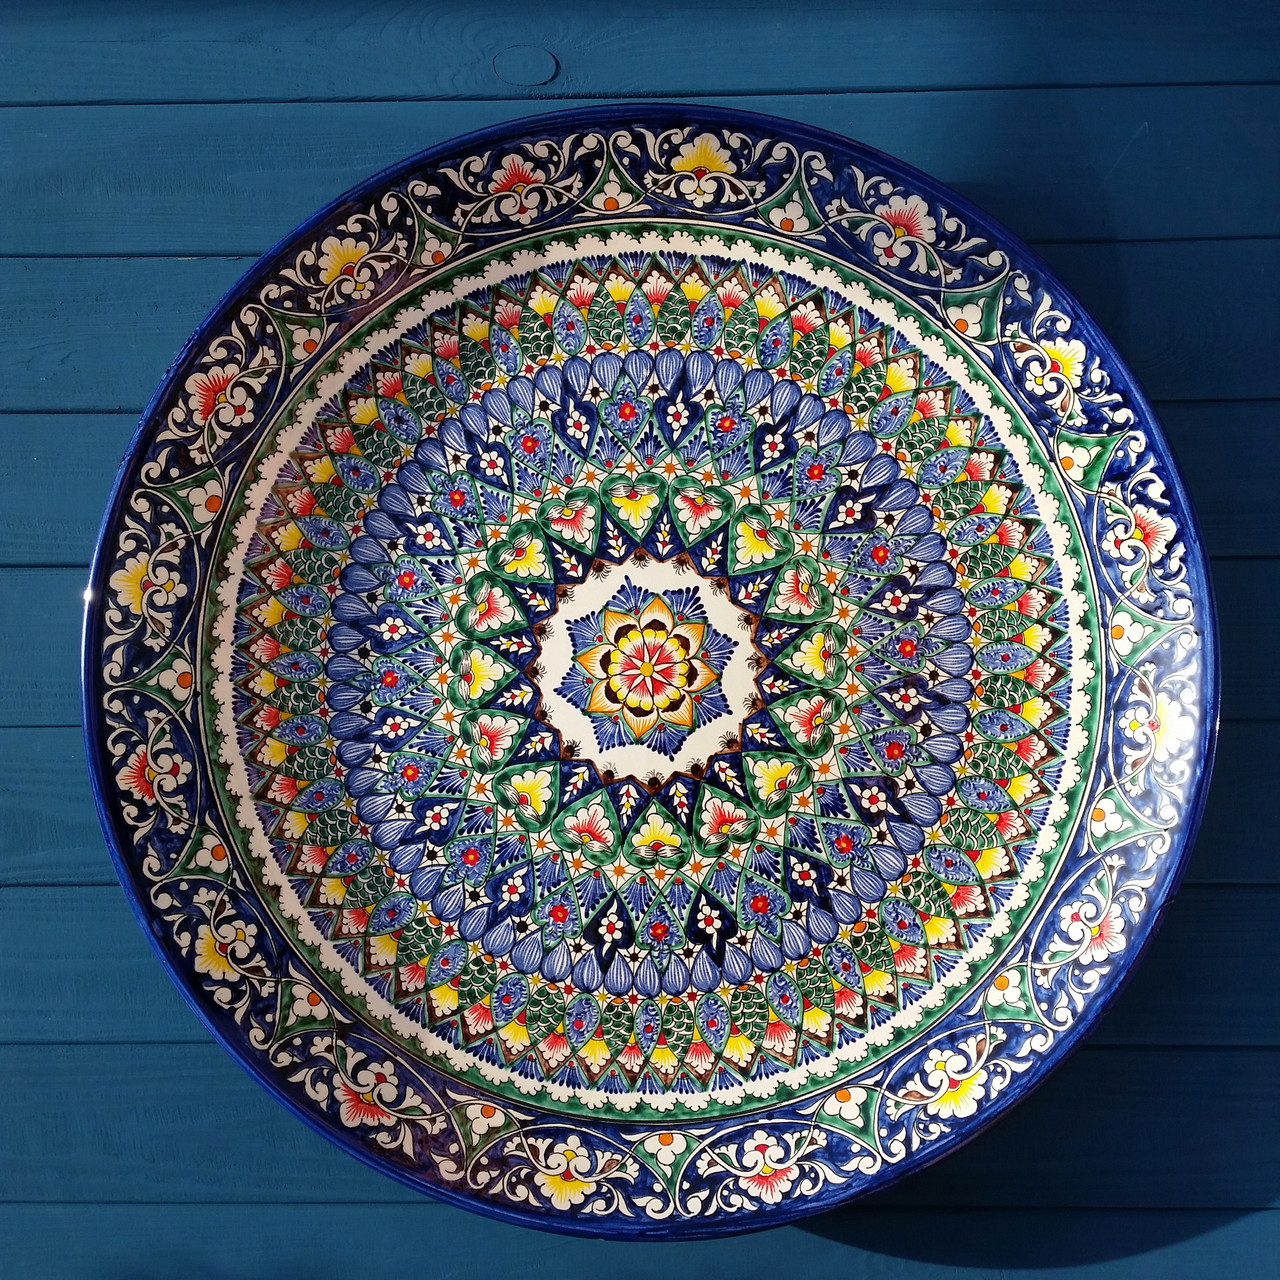 Большое узбекское блюдо из керамики d 55 см.